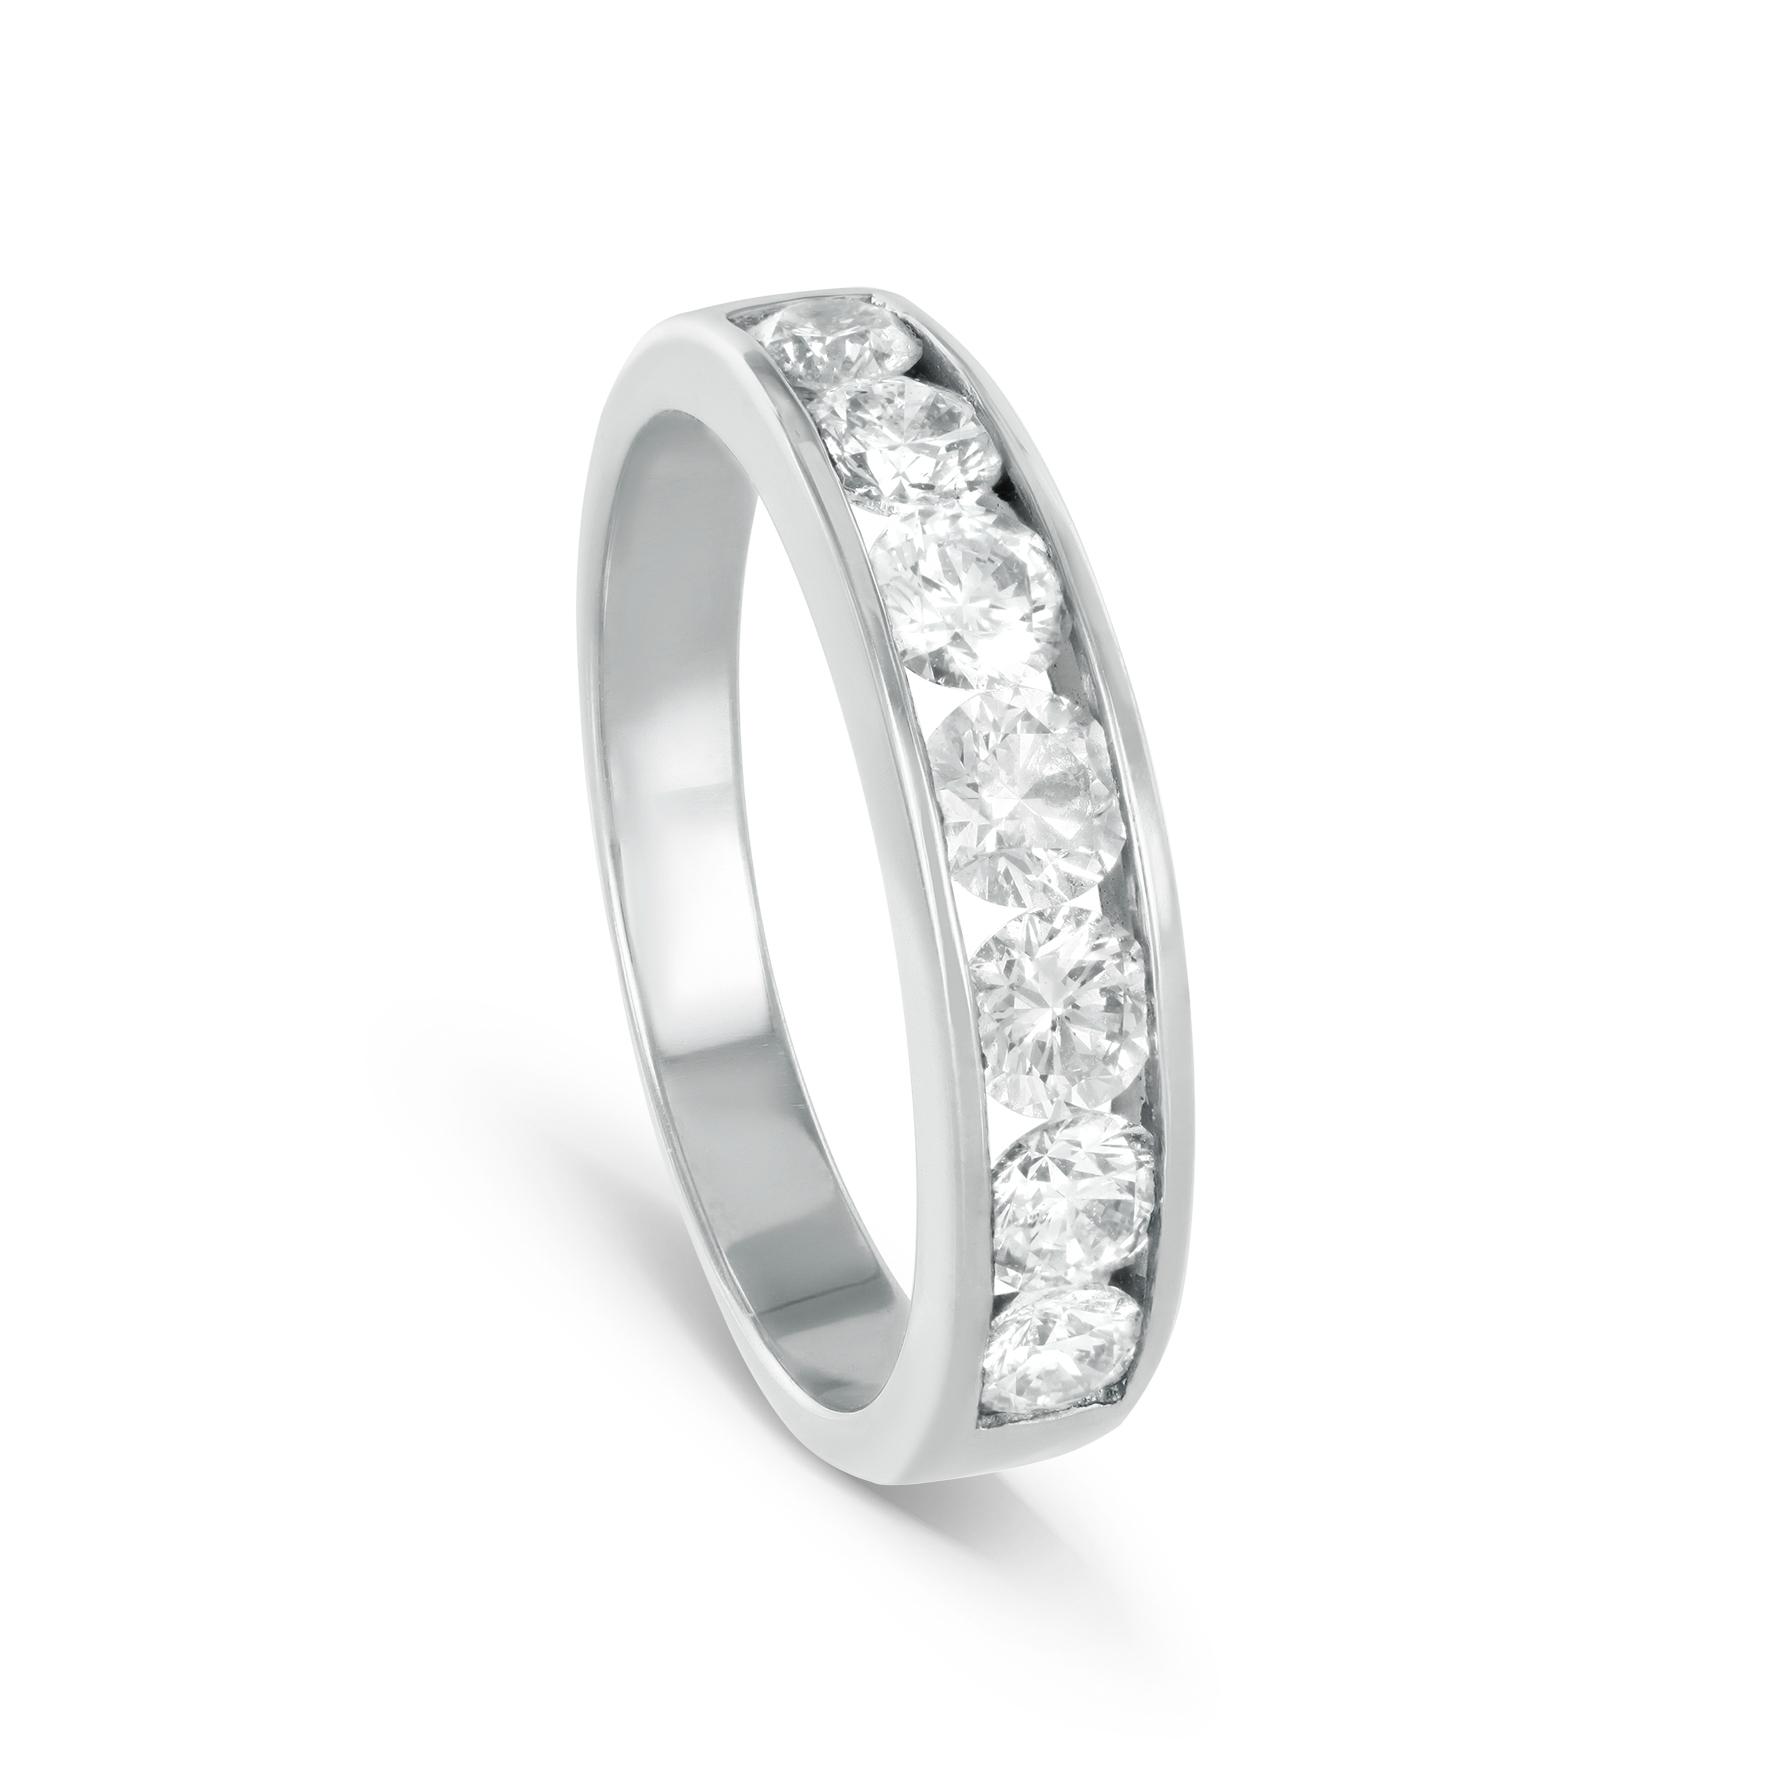 Мужские обручальные кольца с бриллиантами – купить мужское обручальное  кольцо с бриллиантом недорого 0690b9dce3186